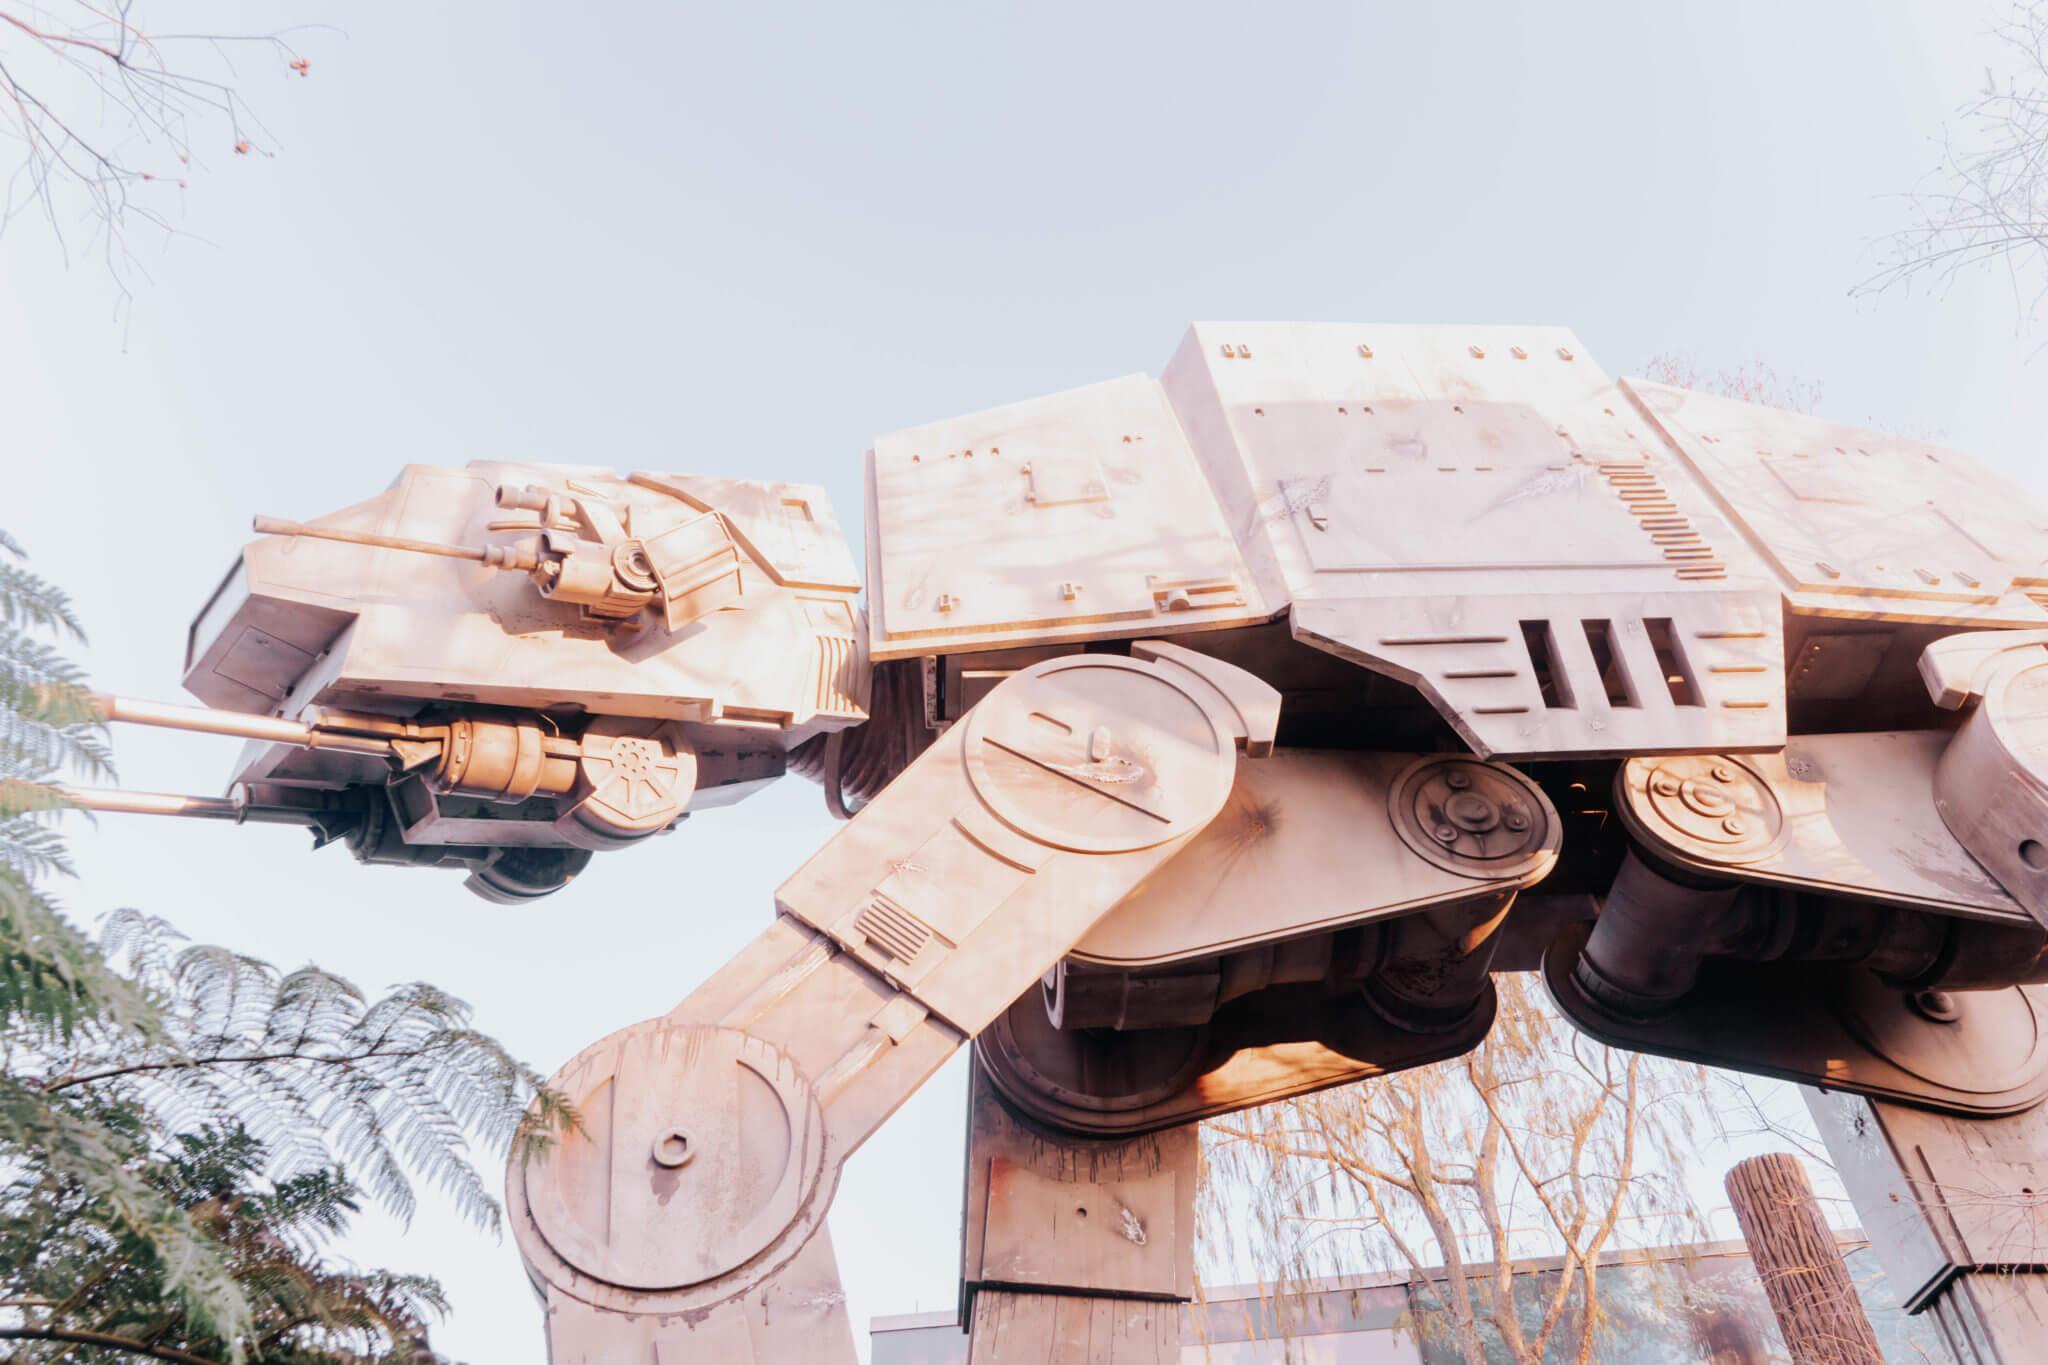 Star Wars AT-AT in Disney World